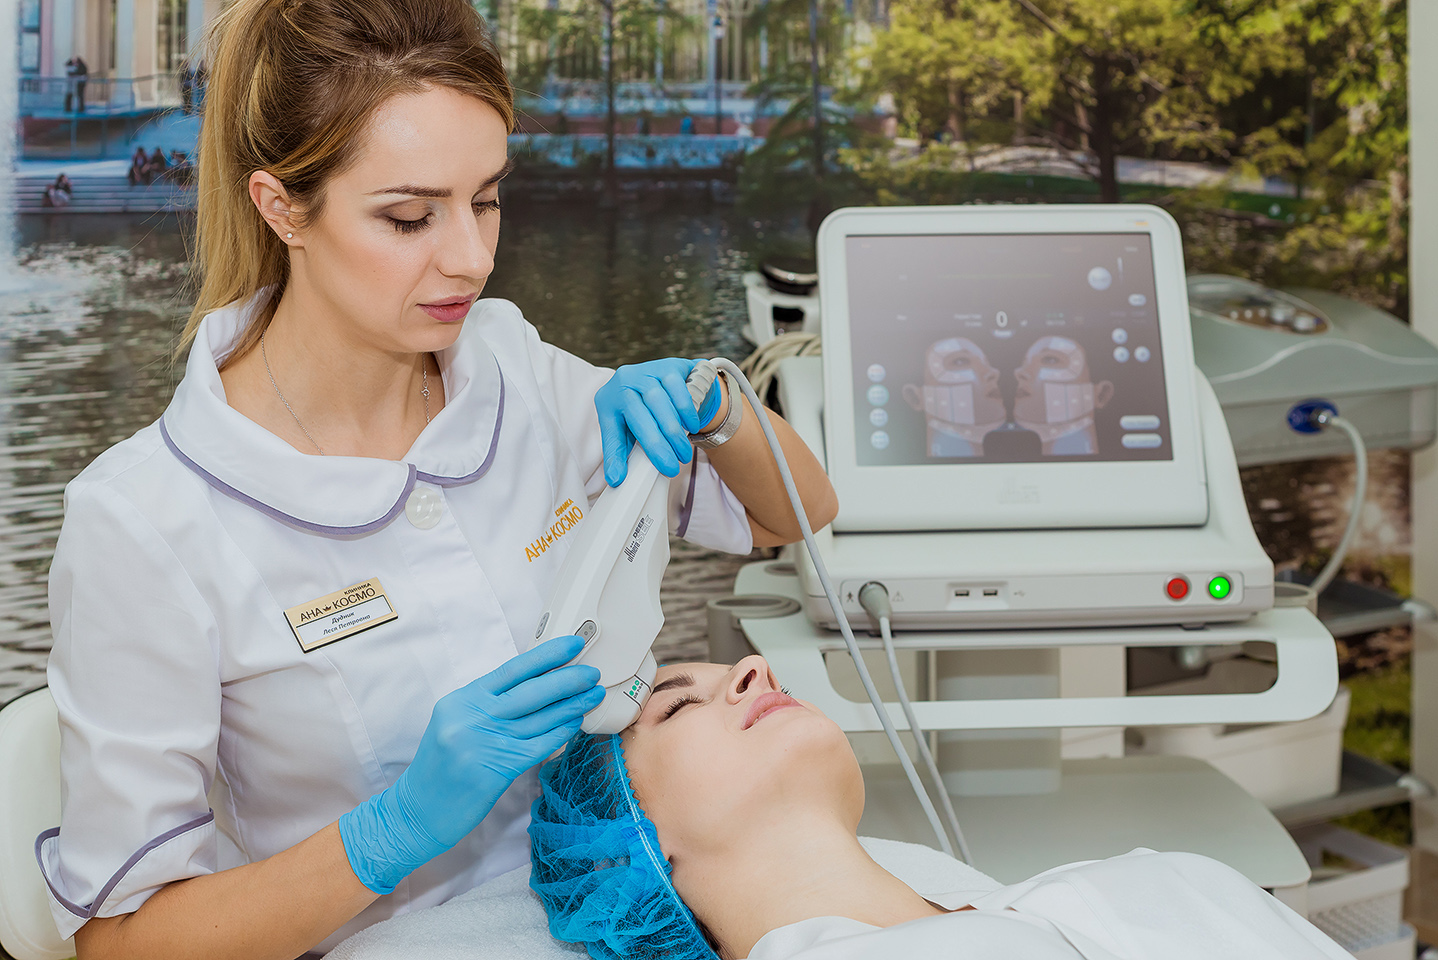 Проведення процедури на апараті безопераційної підтяжки шкіри АЛЬТЕРА (США)АЛЬТЕРА - це унікальний апарат безоперационного ліфтингу шкіри. Процедуру проводять тільки сертифіковані лікарі, які пройшли спеціальне навчання